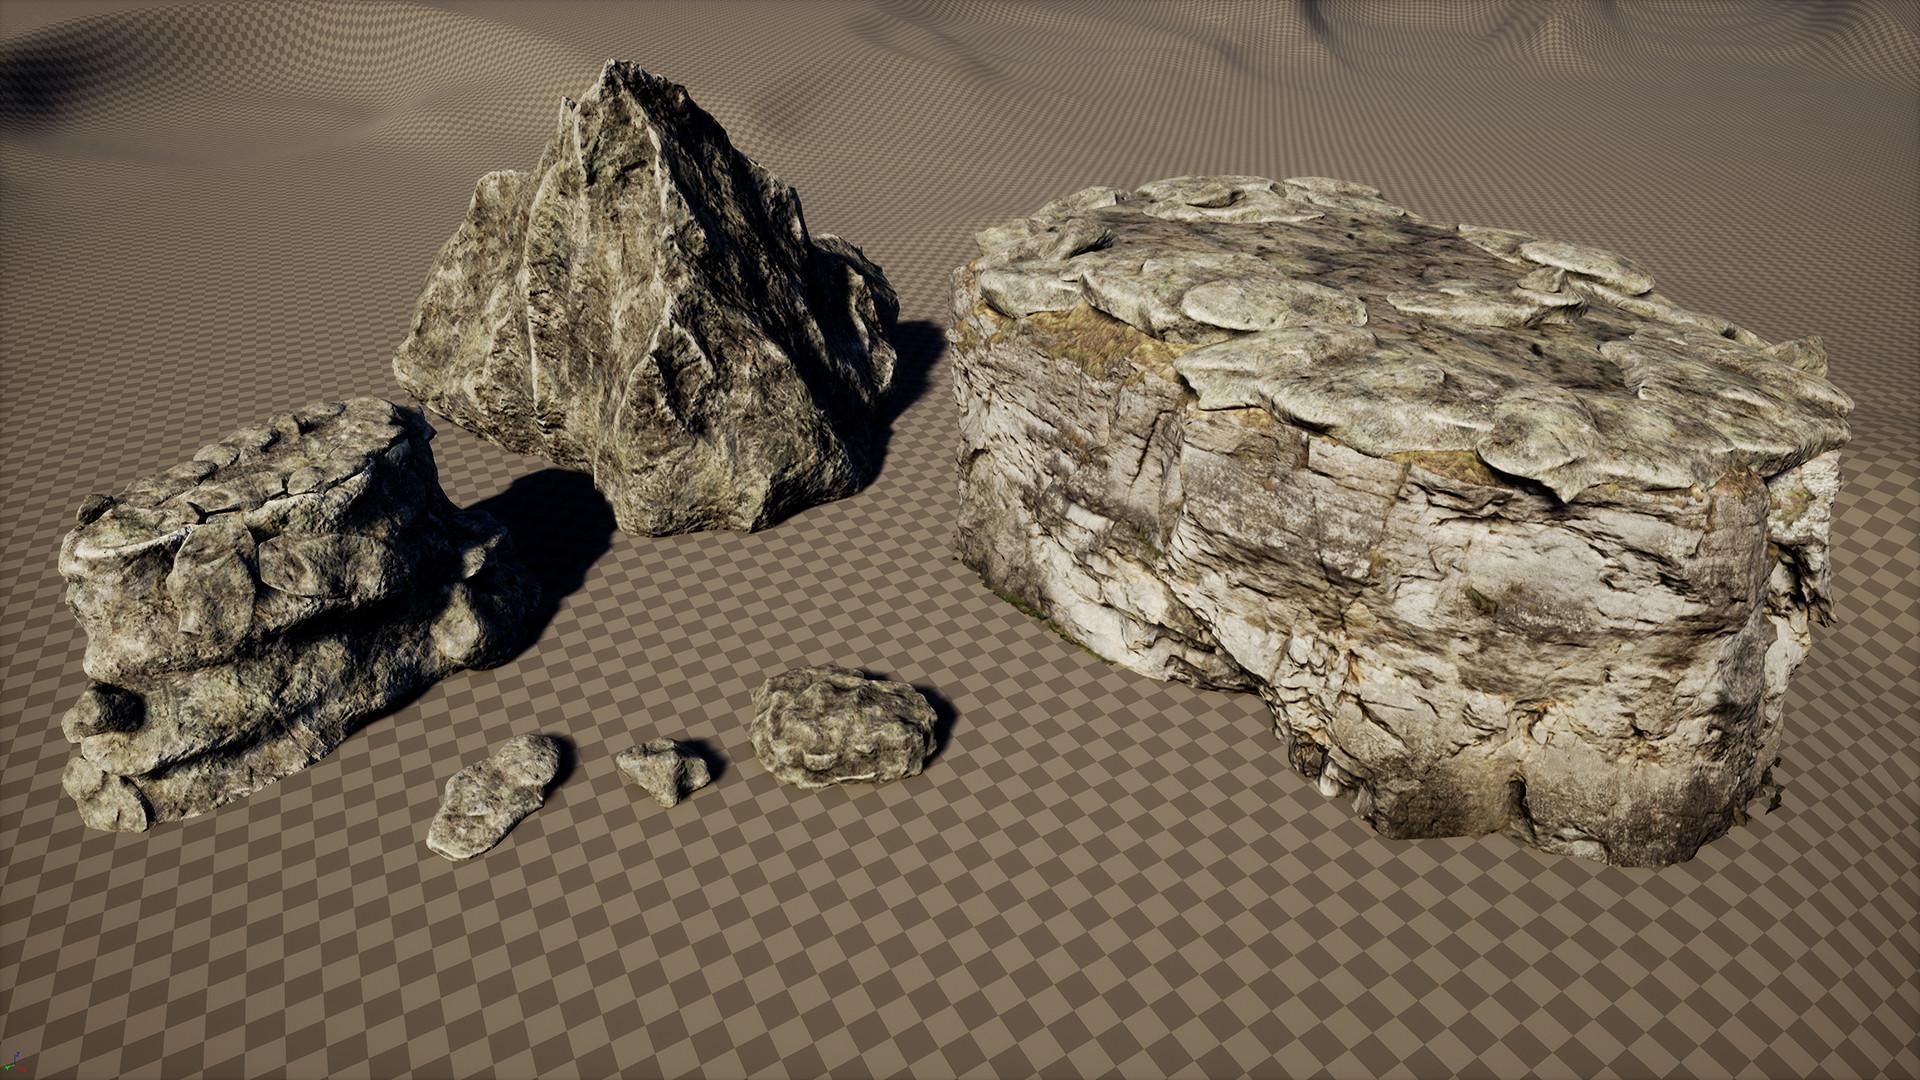 Joe garth cliffs assets